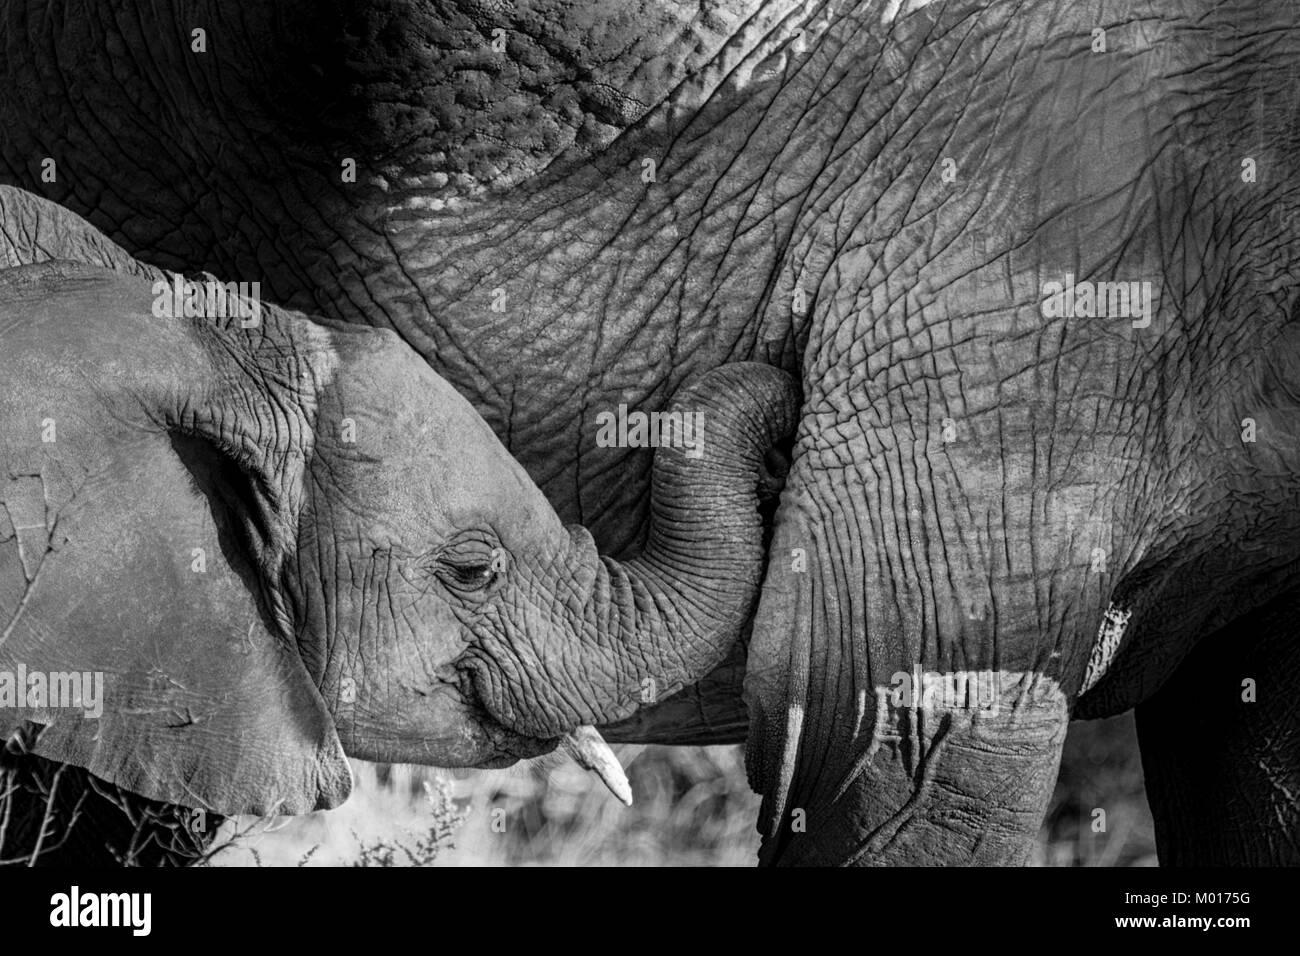 Image en noir et blanc d'un bébé éléphant d'Afrique, Loxodonta africana, montrer de Photo Stock